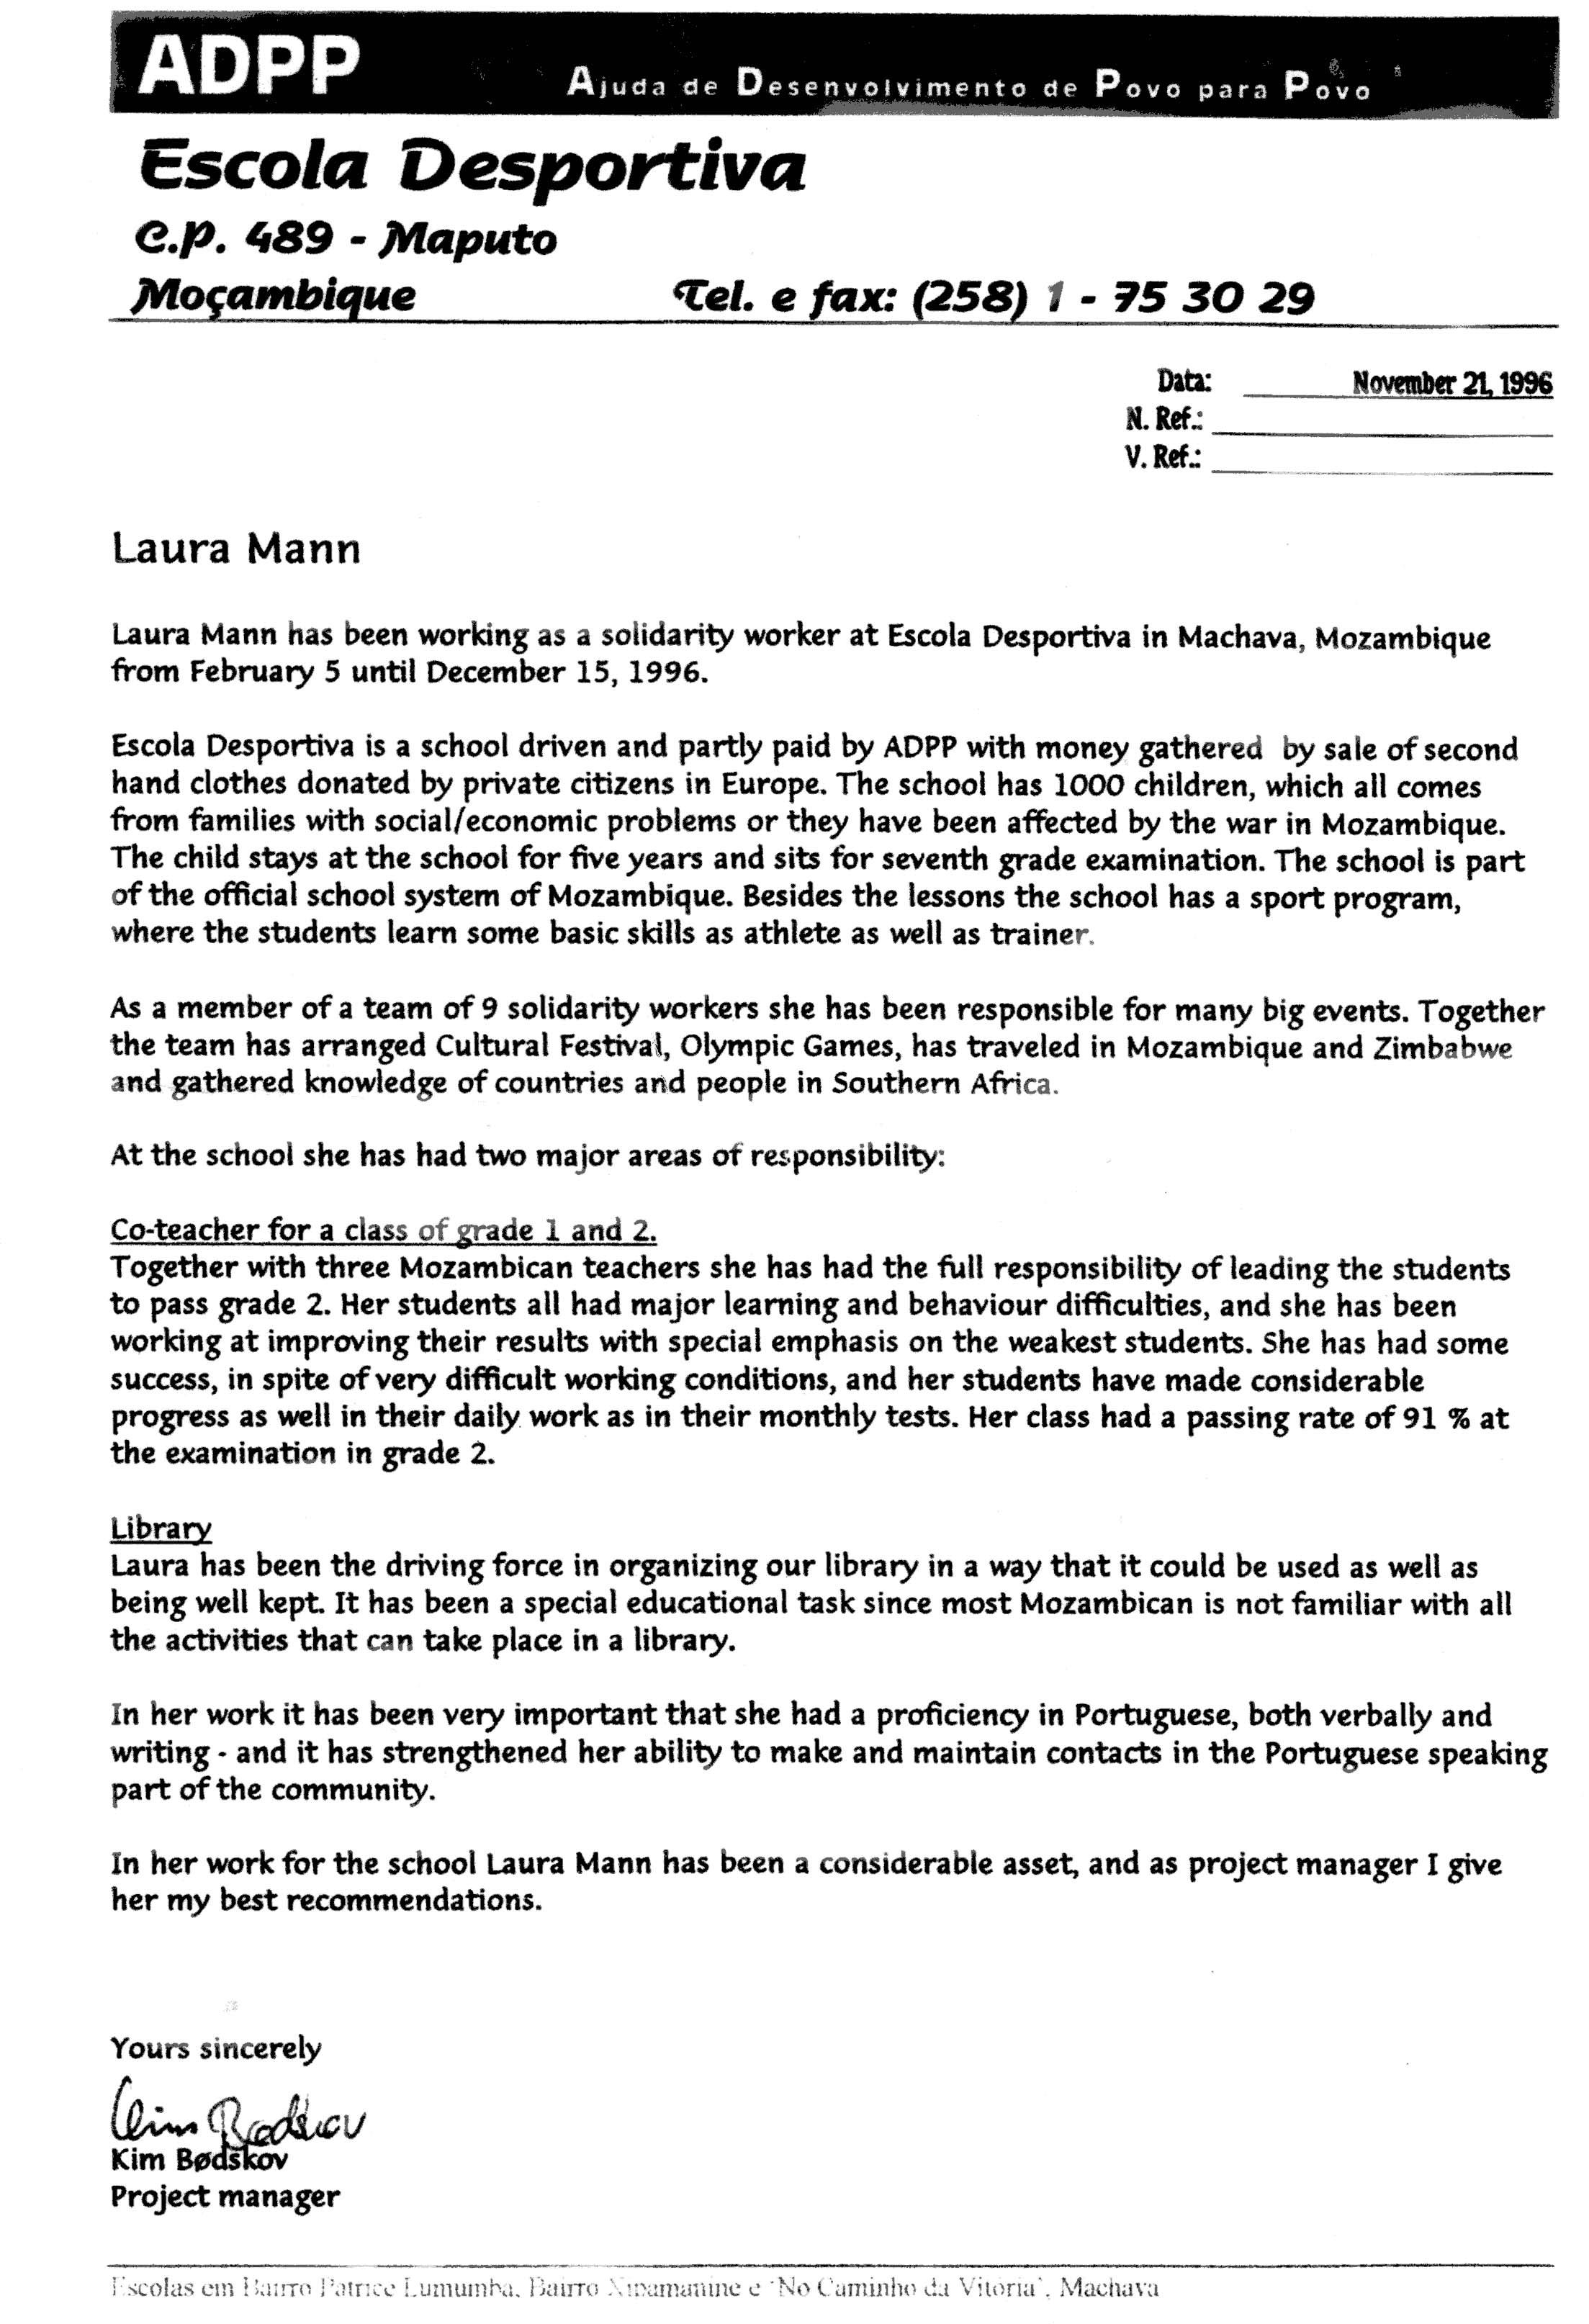 Probate Letter Template - Letter for Volunteer Teachervolunteer Letter Template Application